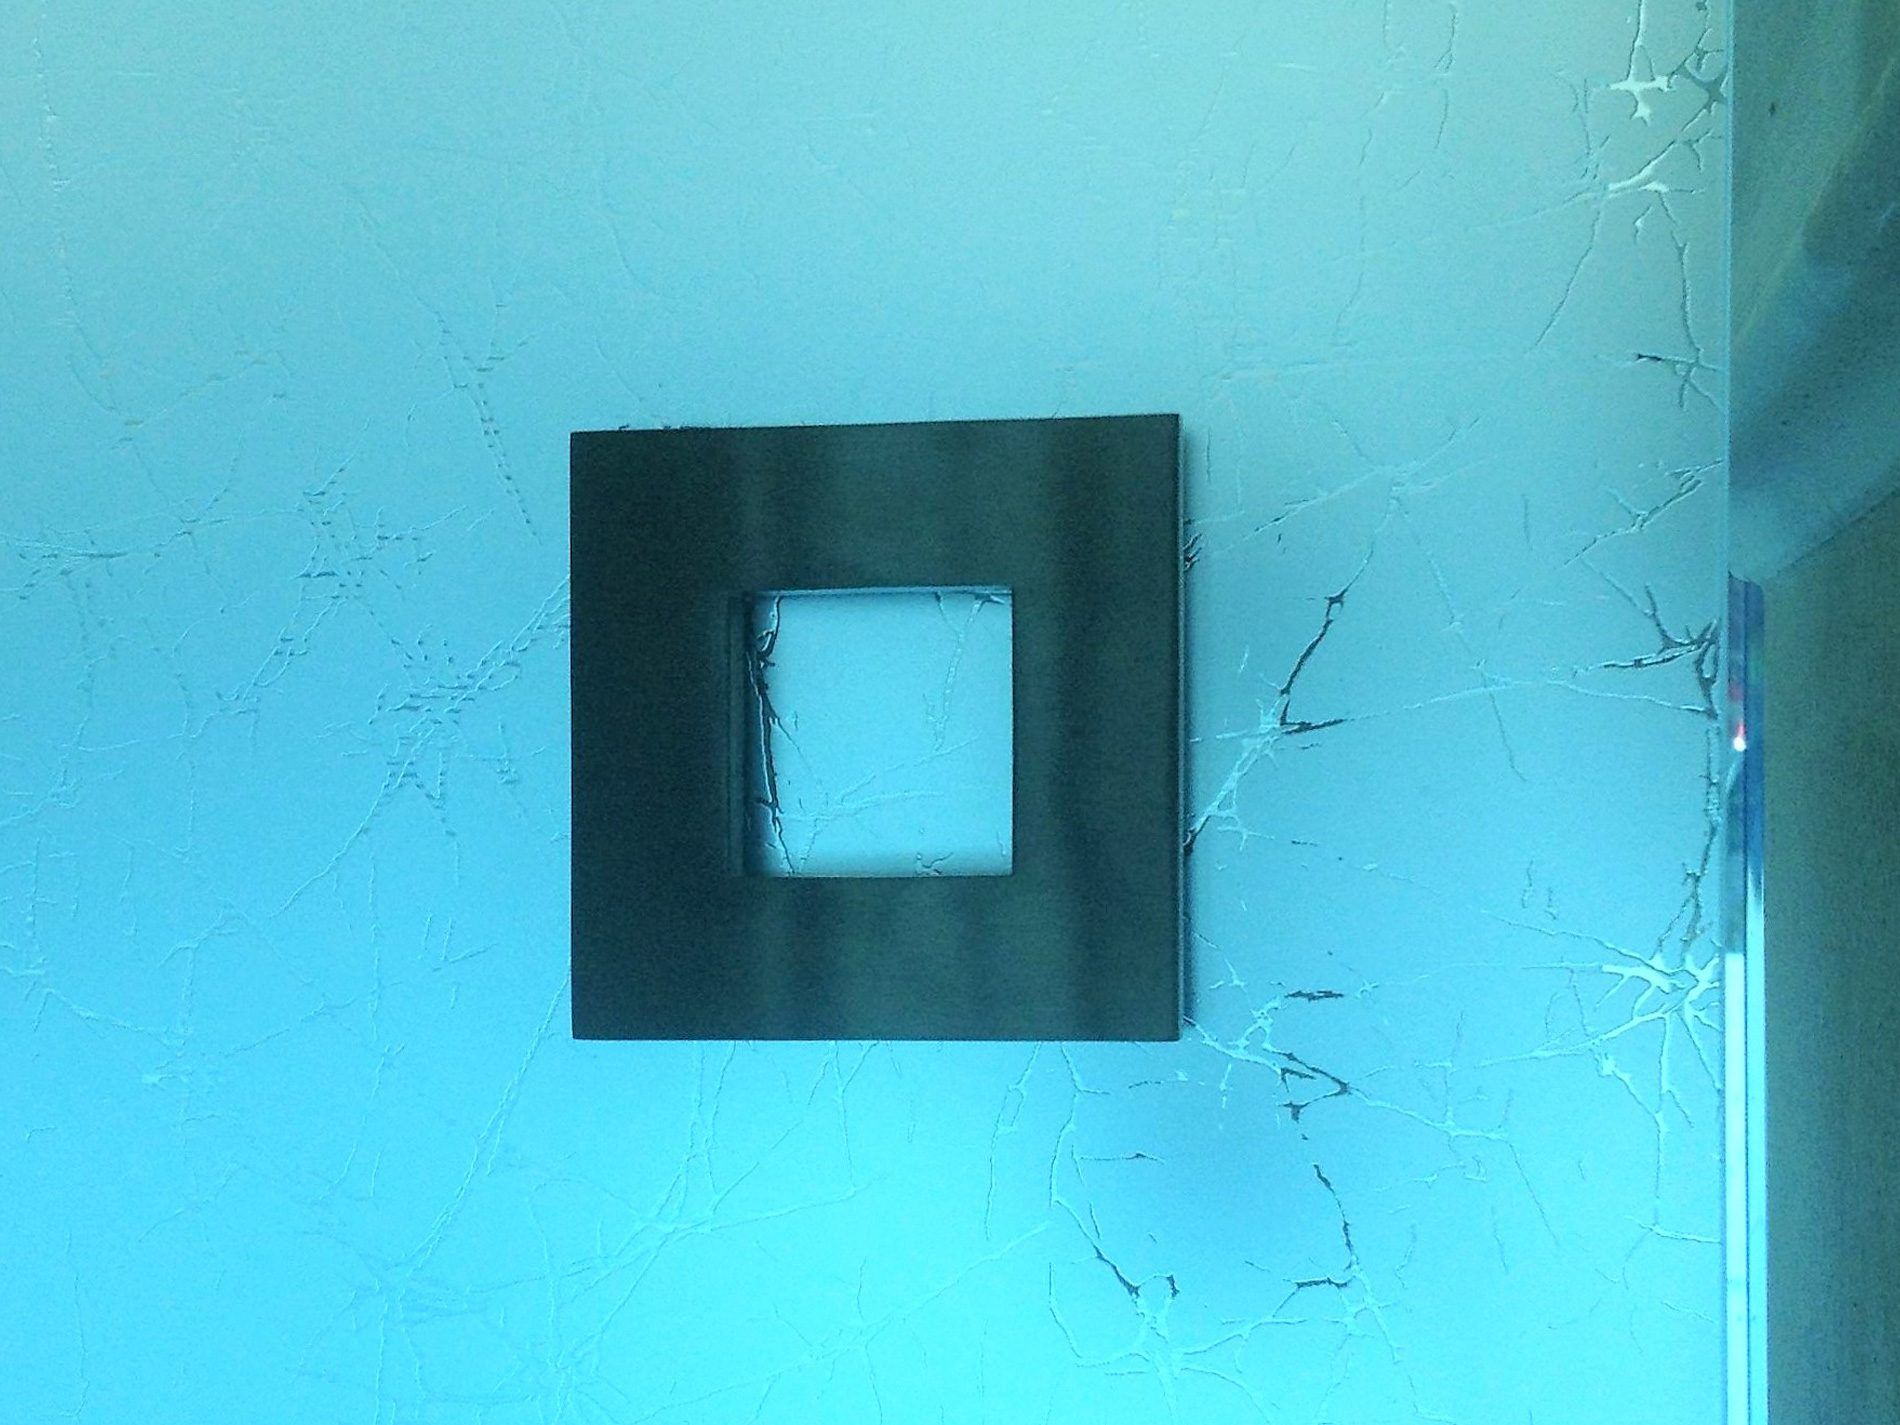 Maniglia porta in vetro Crotone - Calabria